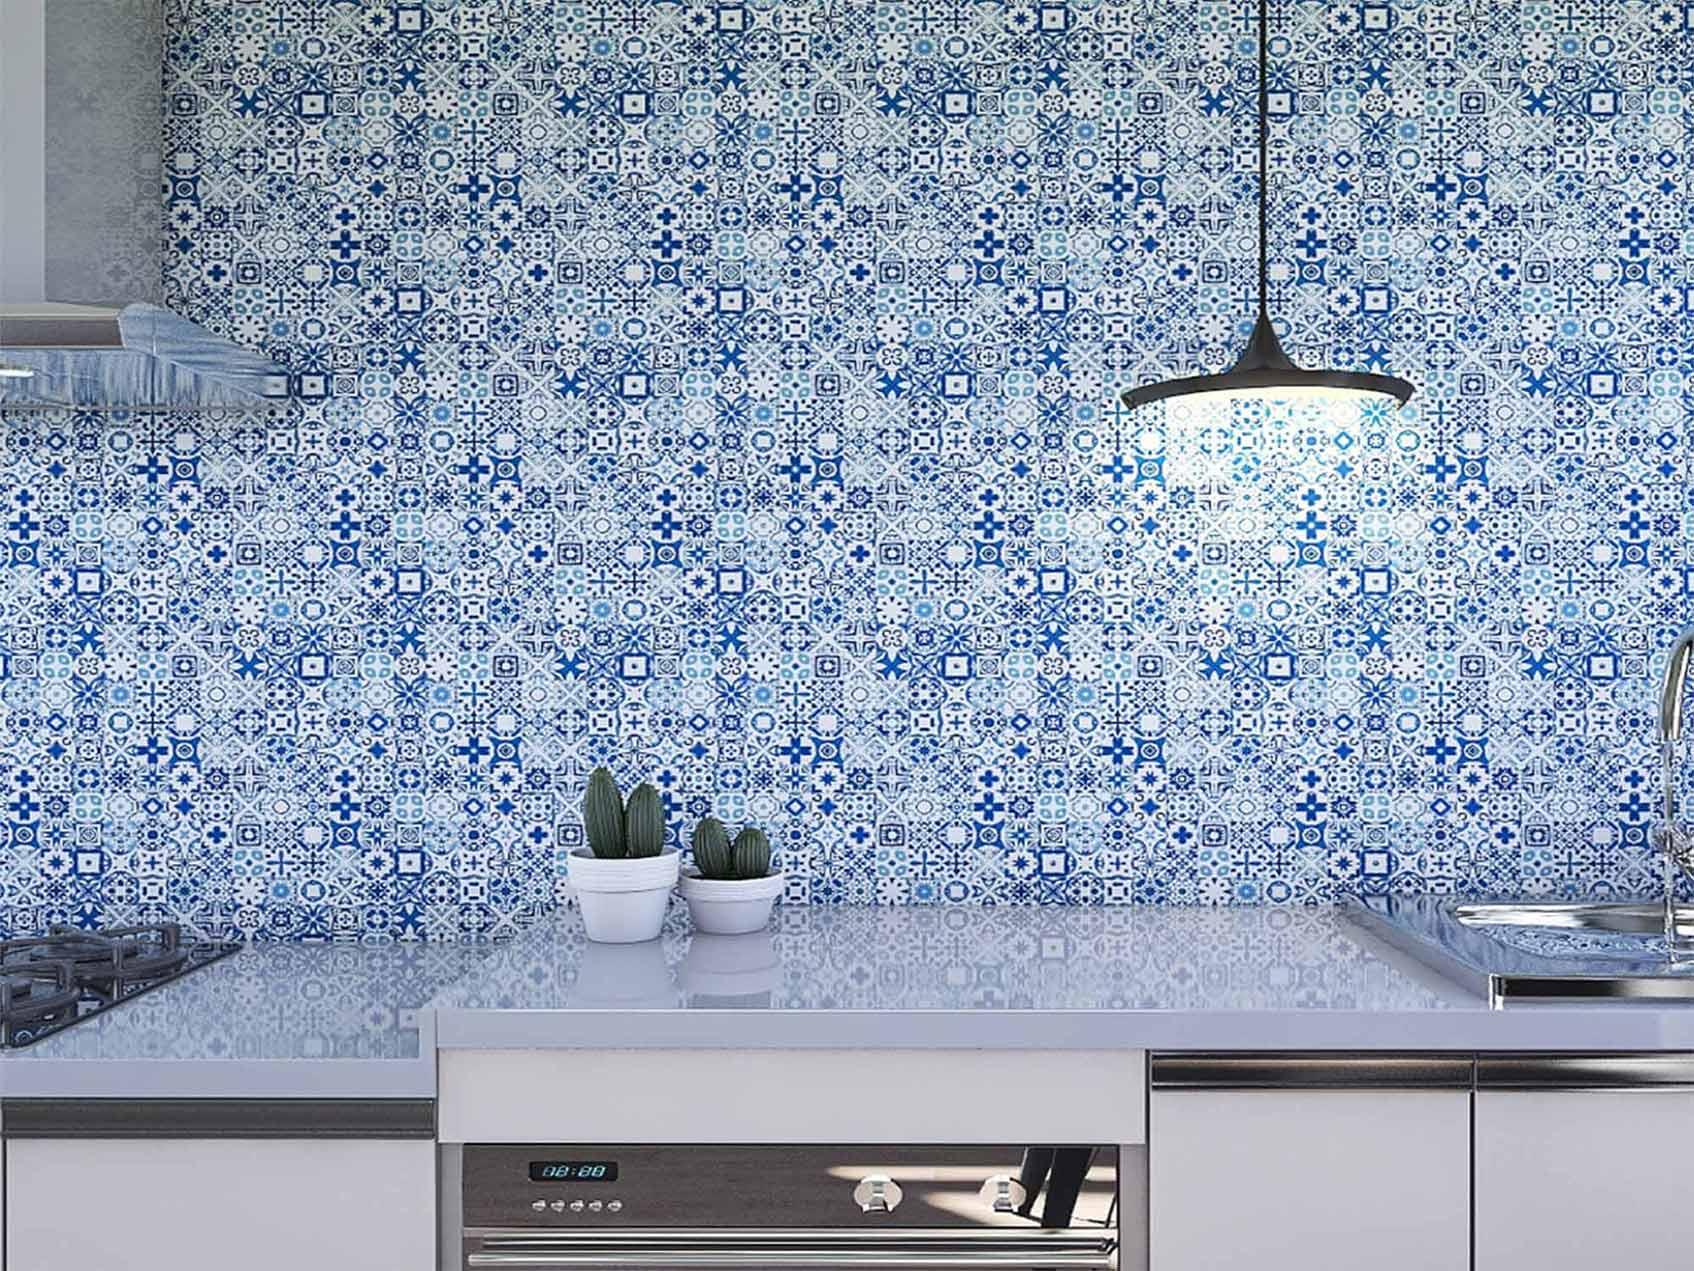 Papel de Parede para Cozinha Azulejos 0018 - Adesivos de Parede  - Paredes Decoradas